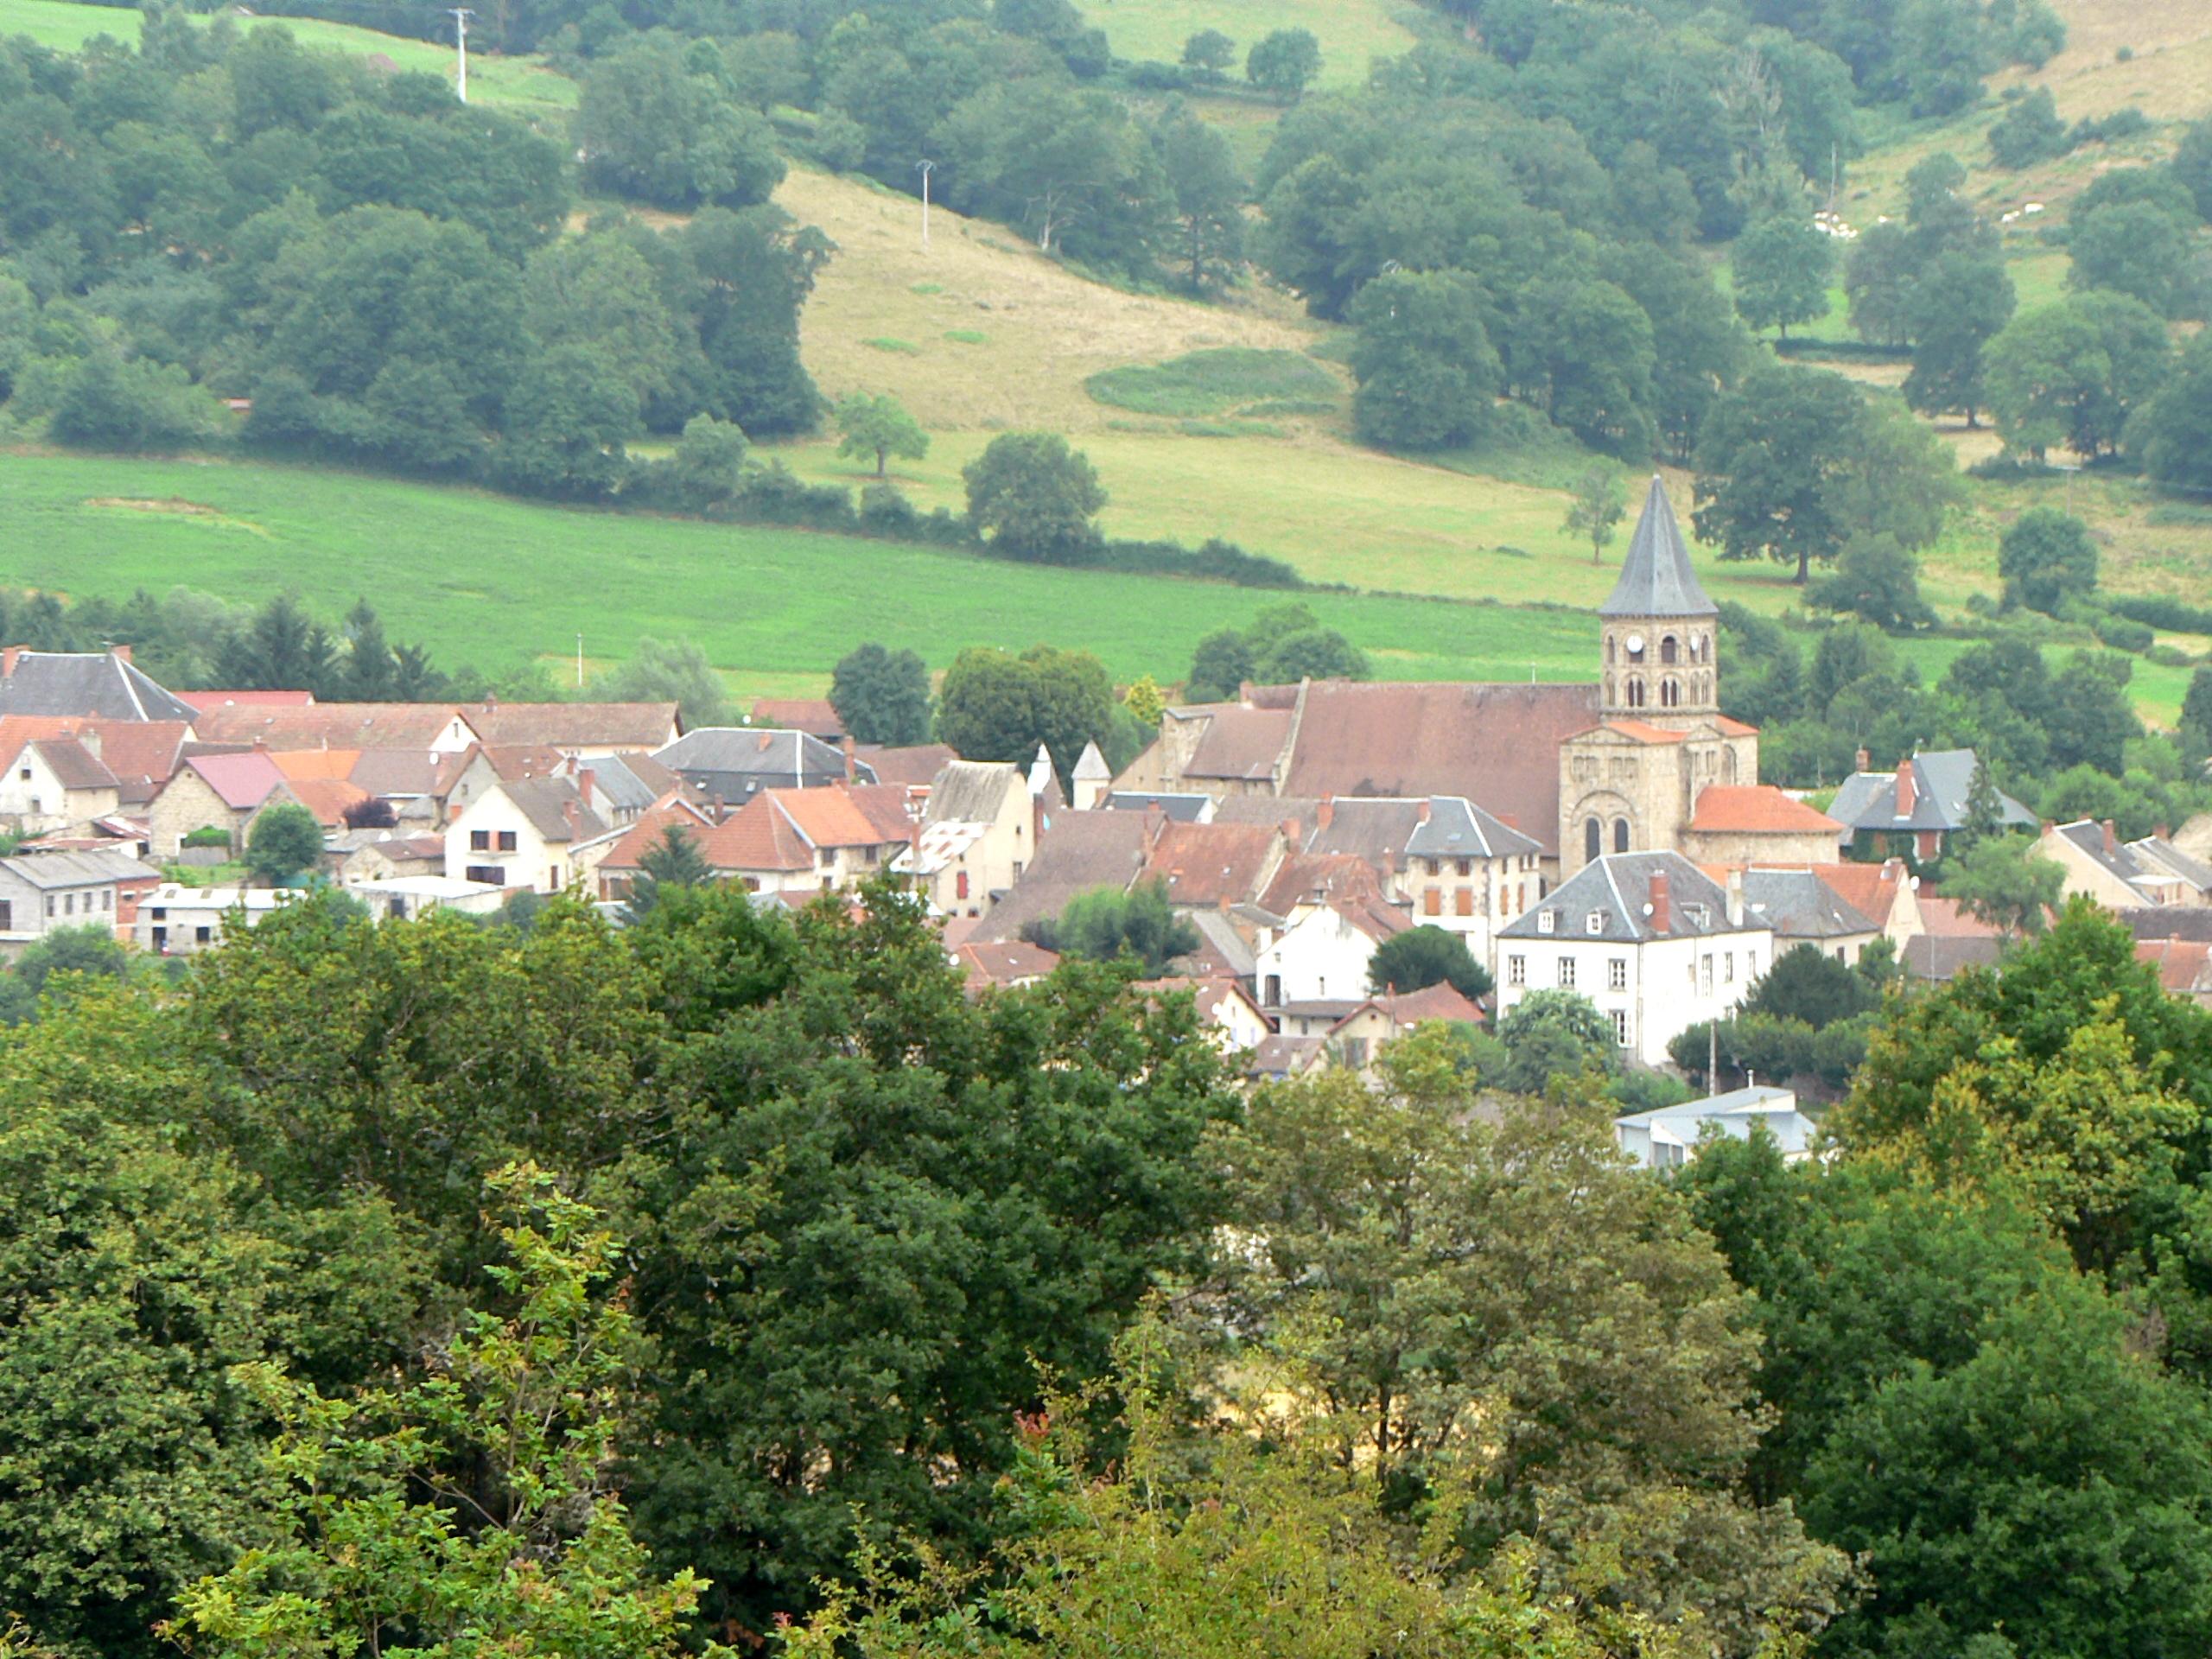 Menat, Puy-de-Dôme